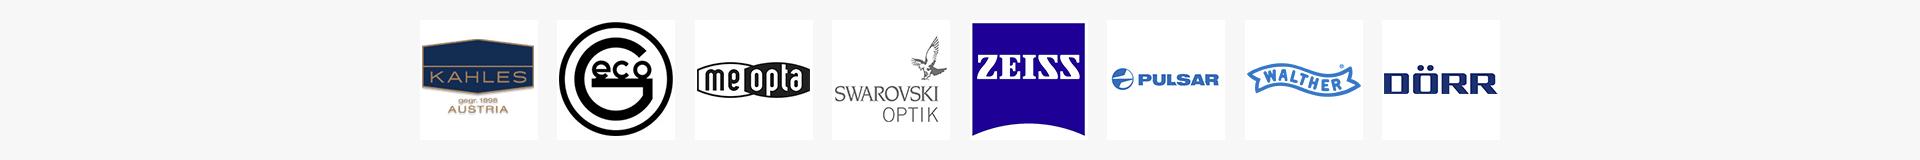 Hersteller Optik-Logozeile